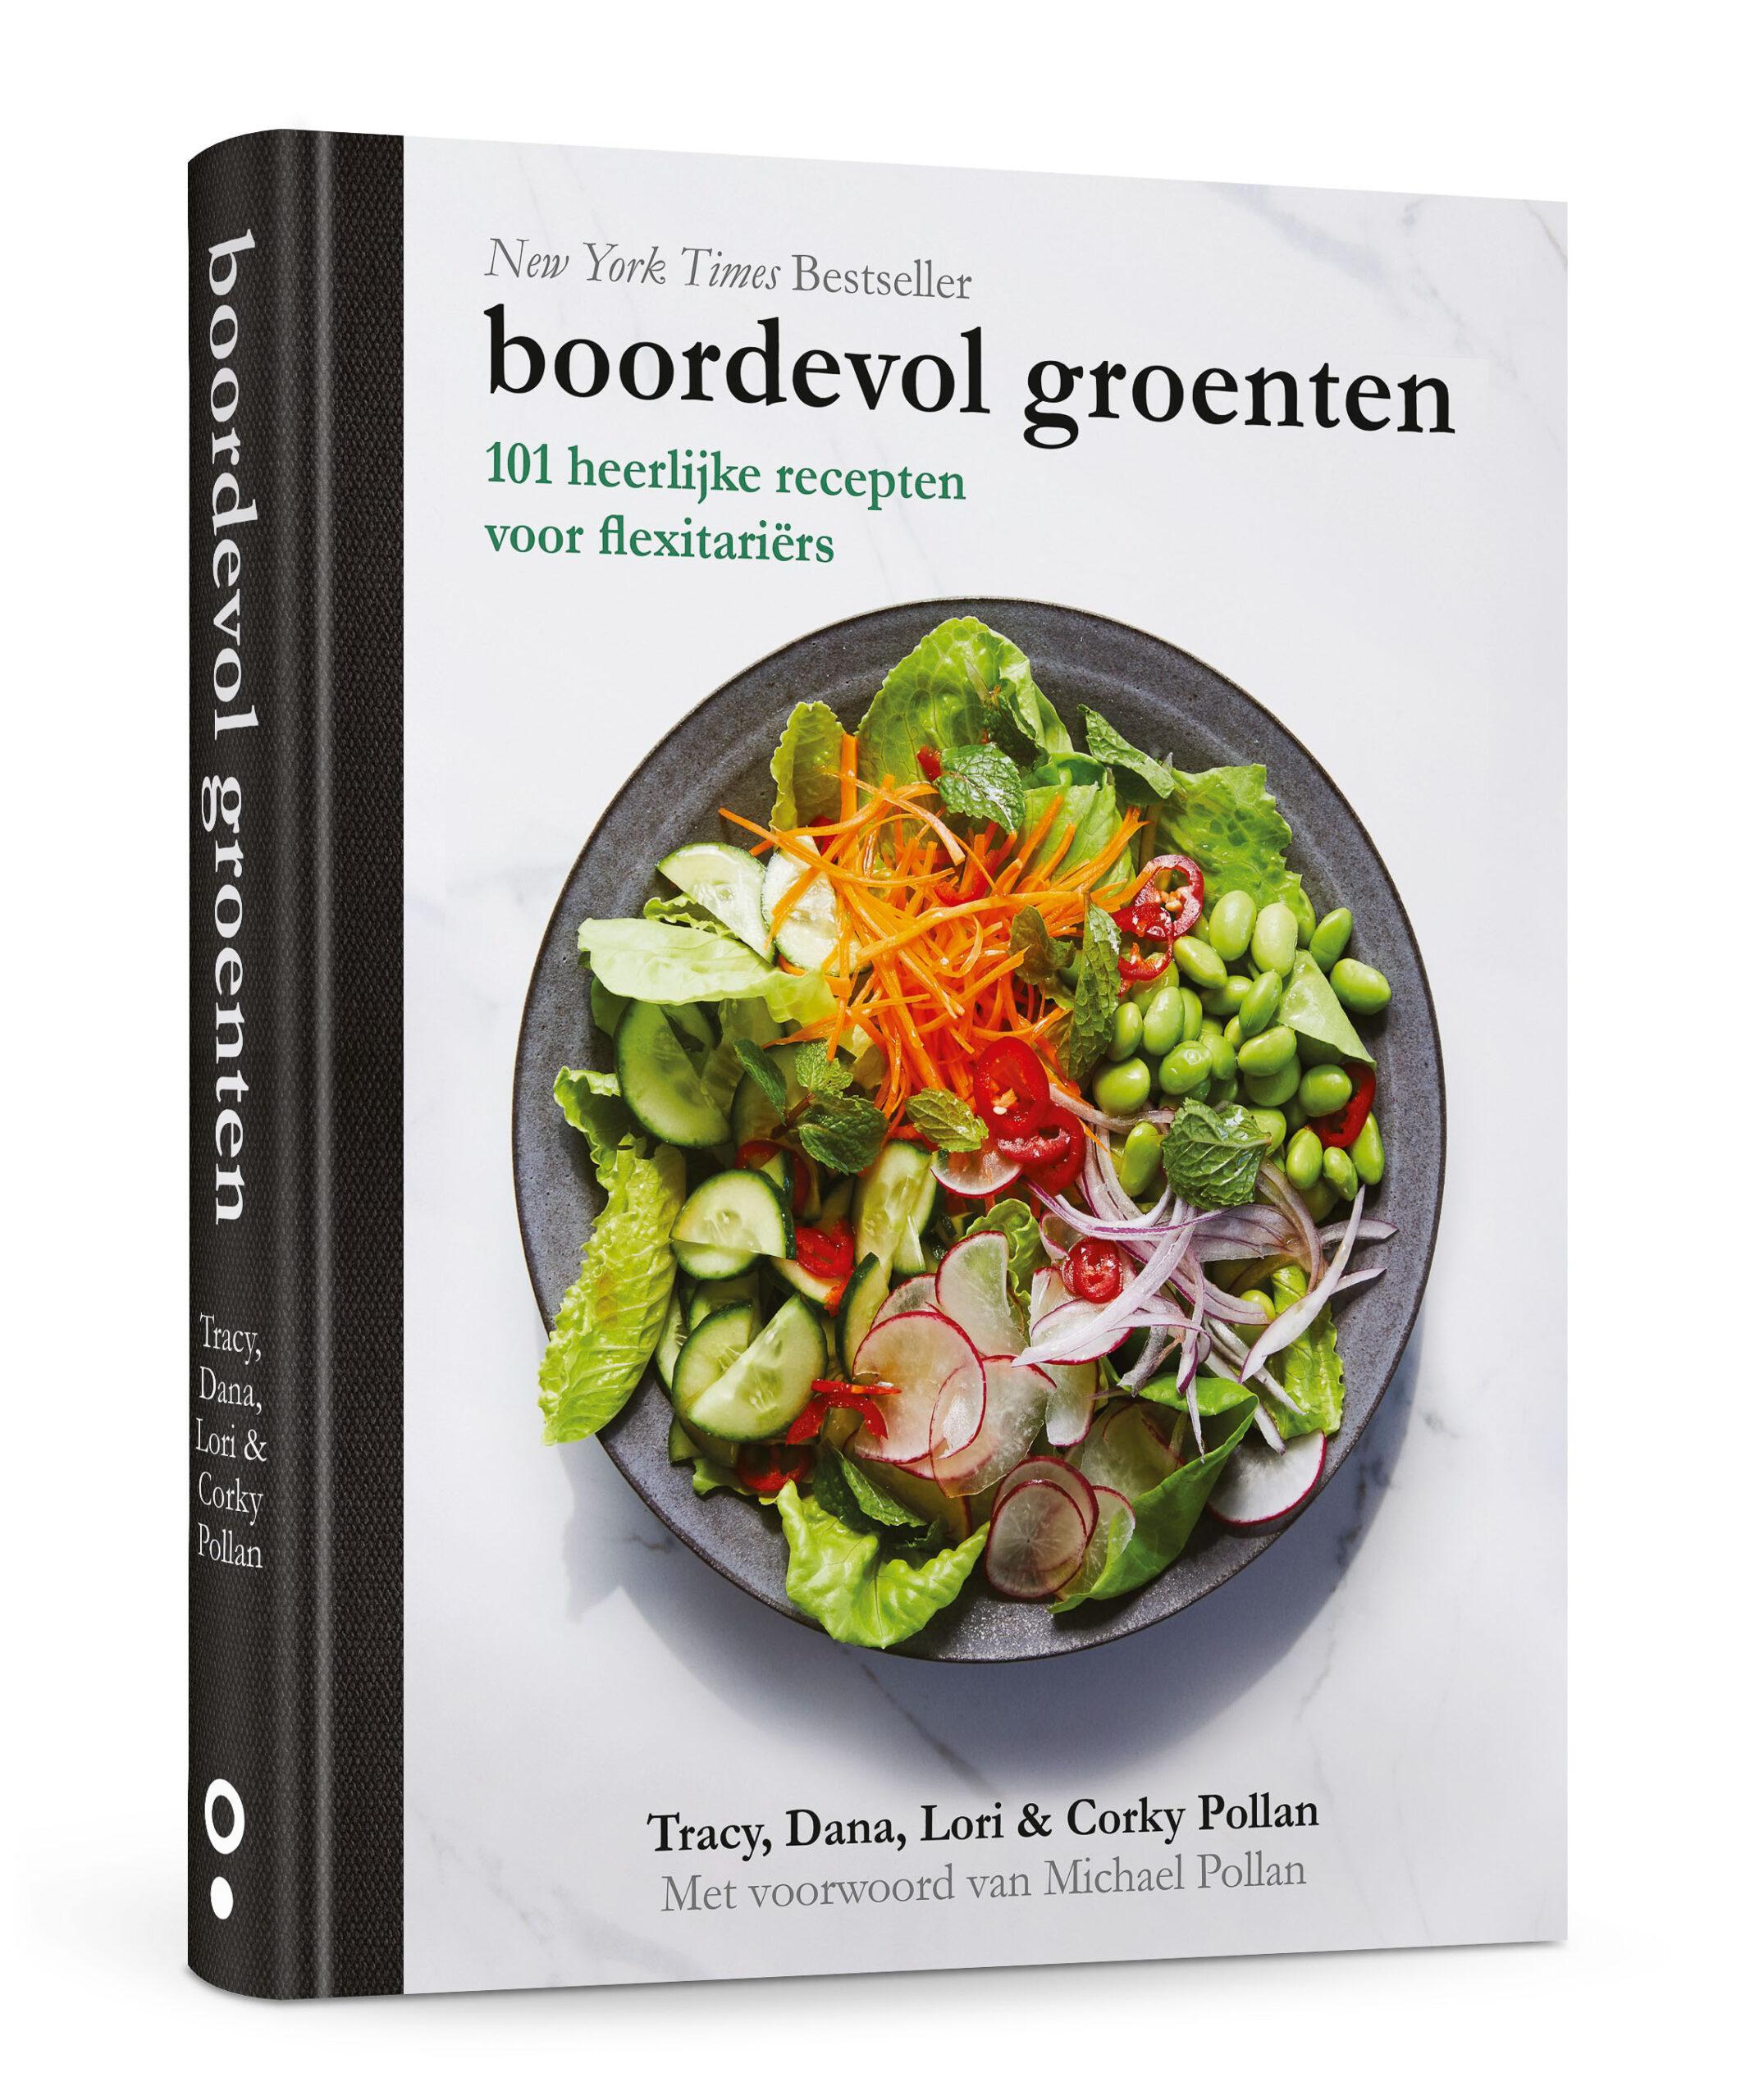 Boordevol groenten - review keukenatelier